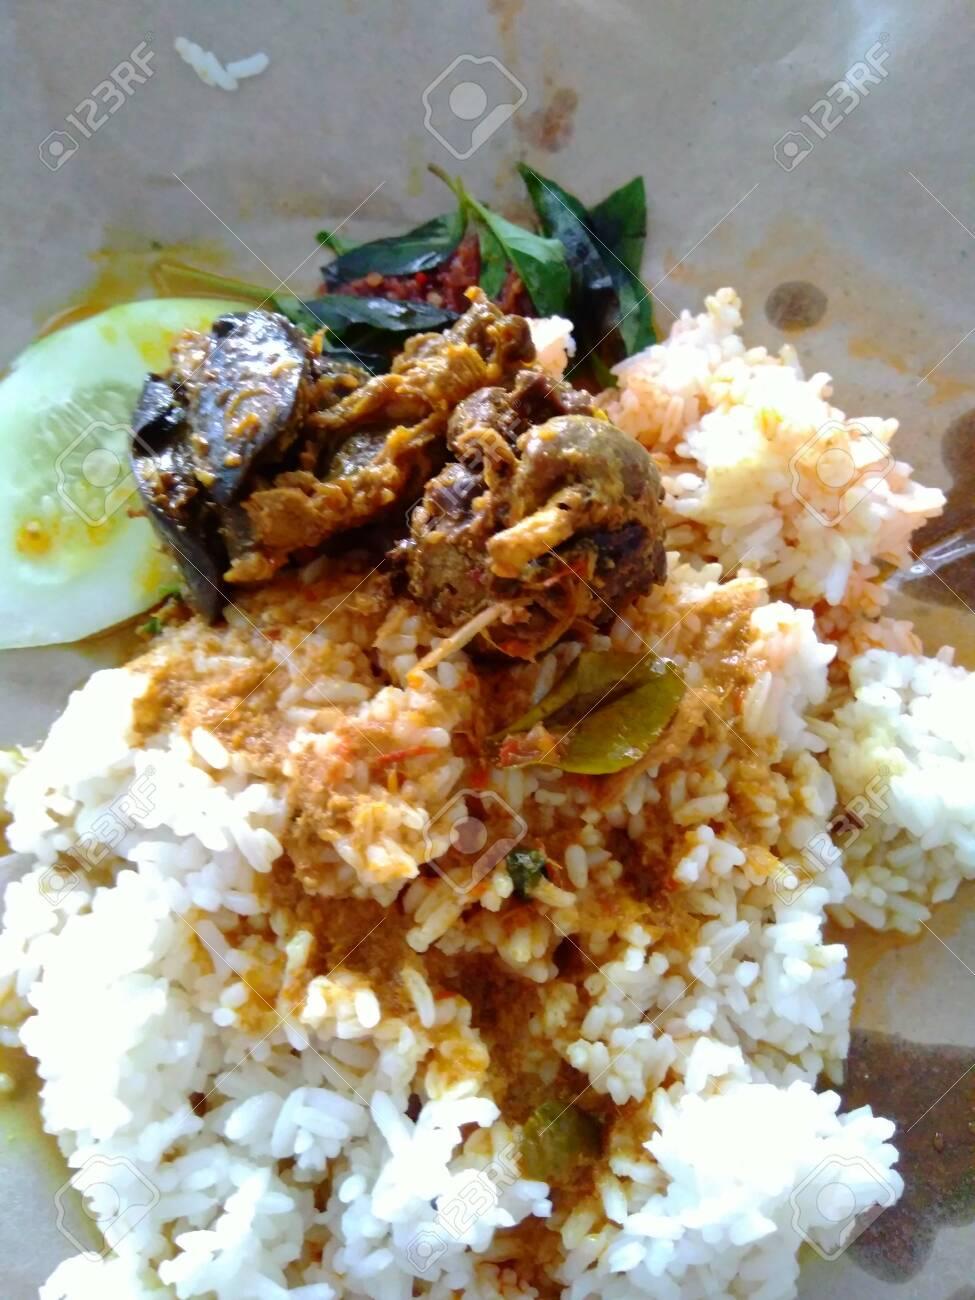 Nasi Uduk Bungkus : bungkus, Bungkus, Rice), Indonesian, Cuisine, Food., Fried.., Stock, Photo,, Picture, Royalty, Image., Image, 140590860.